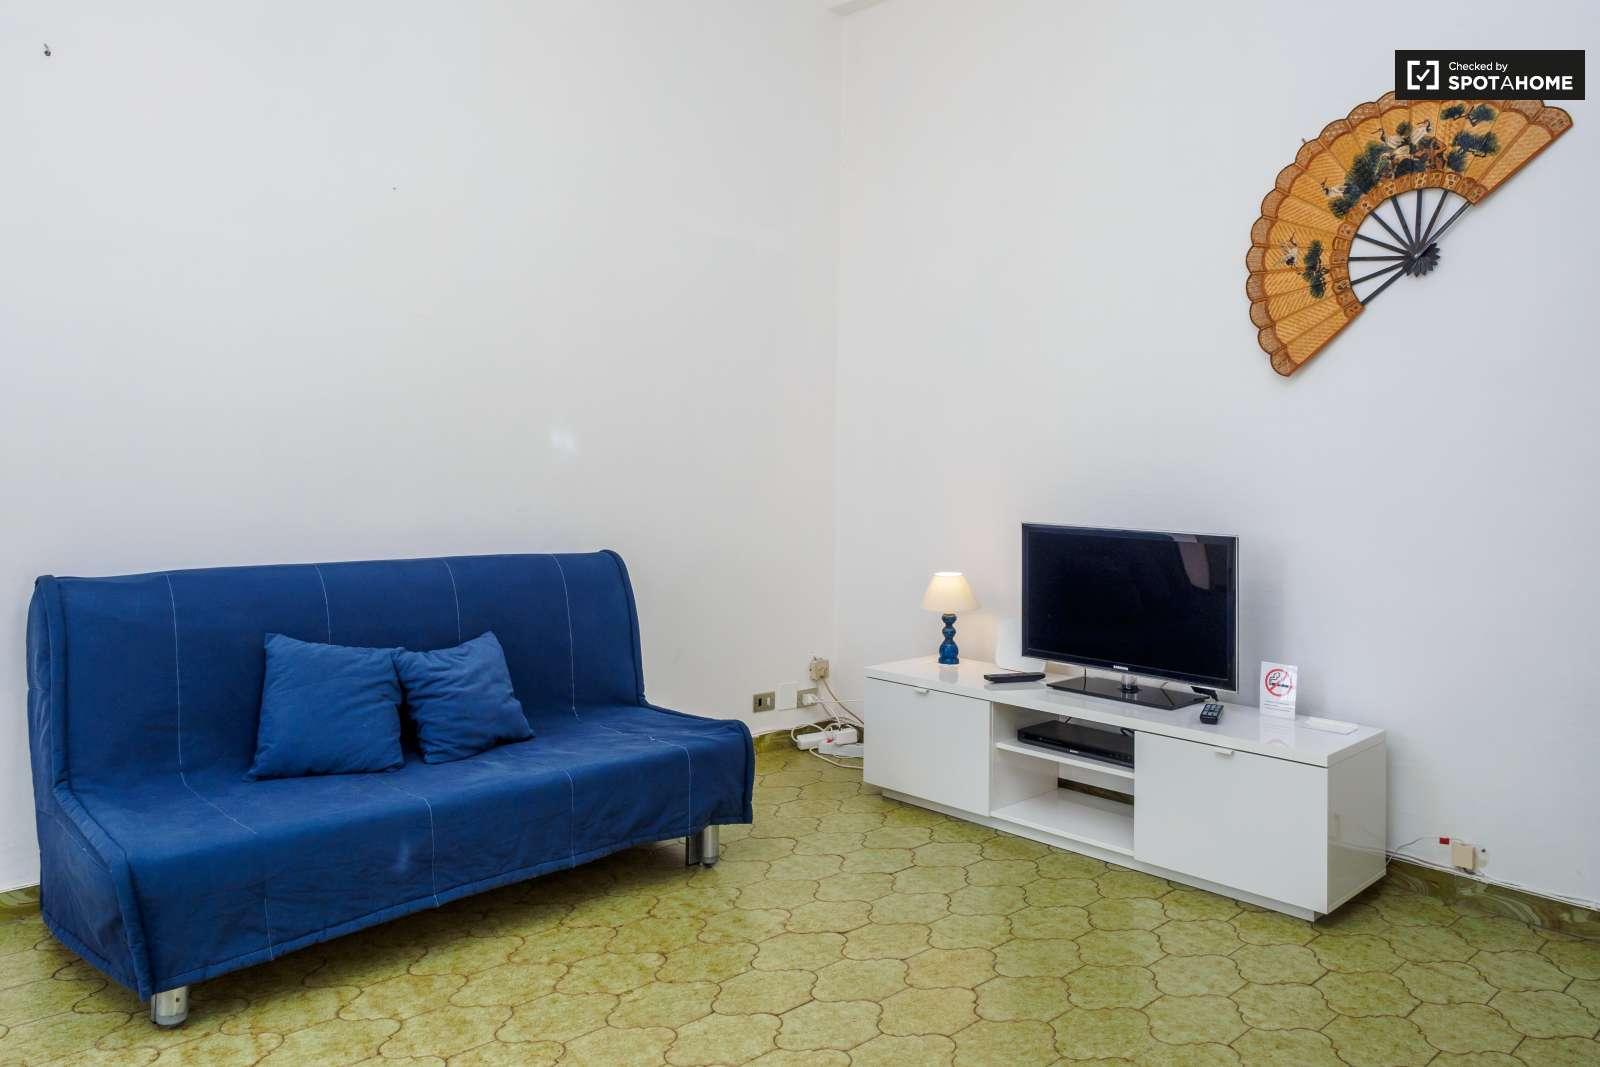 luminoso appartamento con 1 camera da letto e aria condizionata in ... - Soggiorno Luminoso